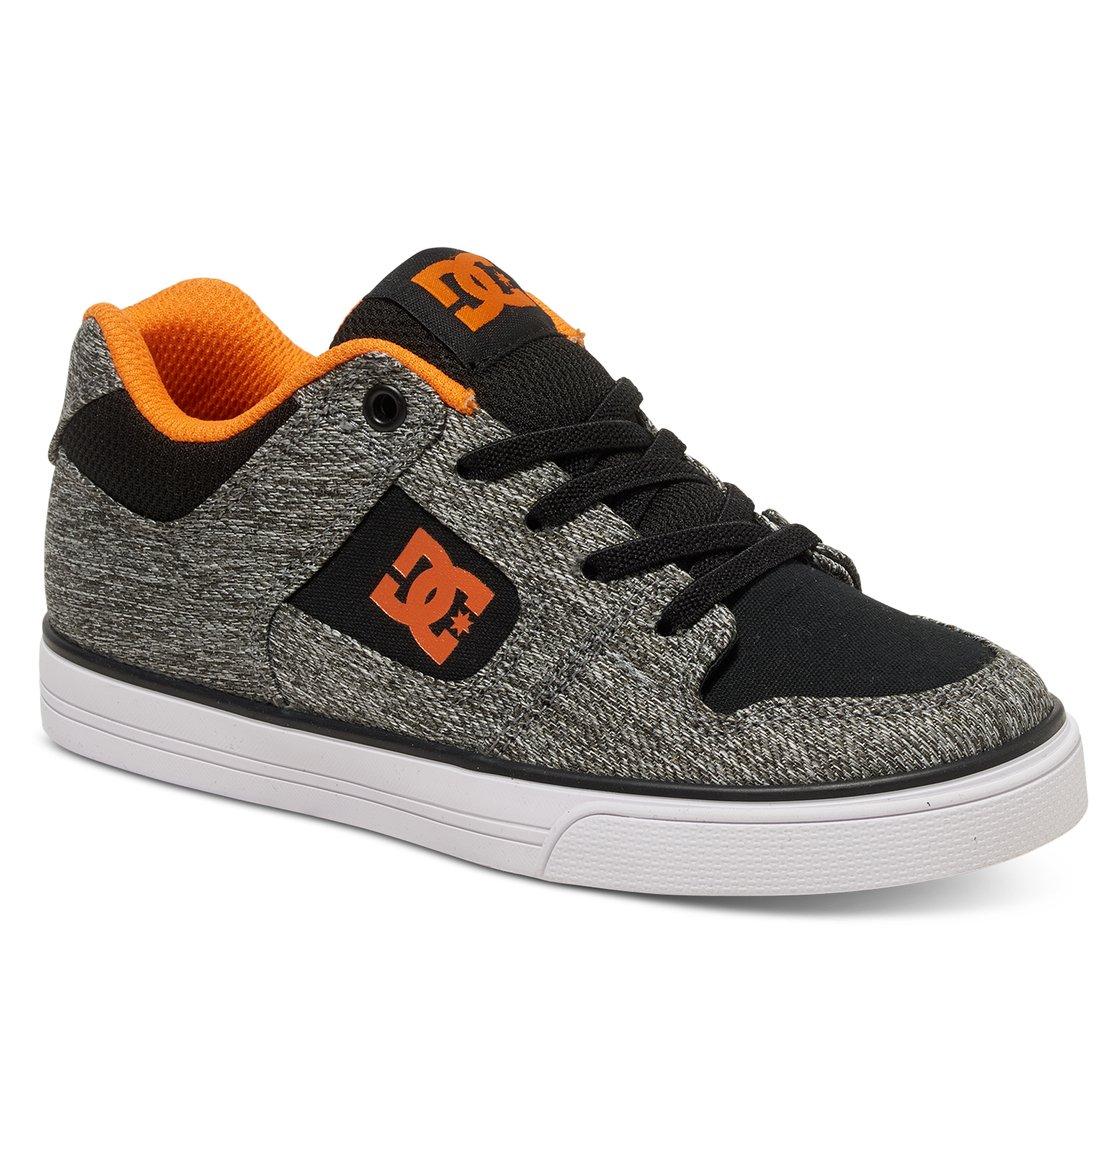 Zapatos negros New Balance para hombre talla 40 P5DhRR